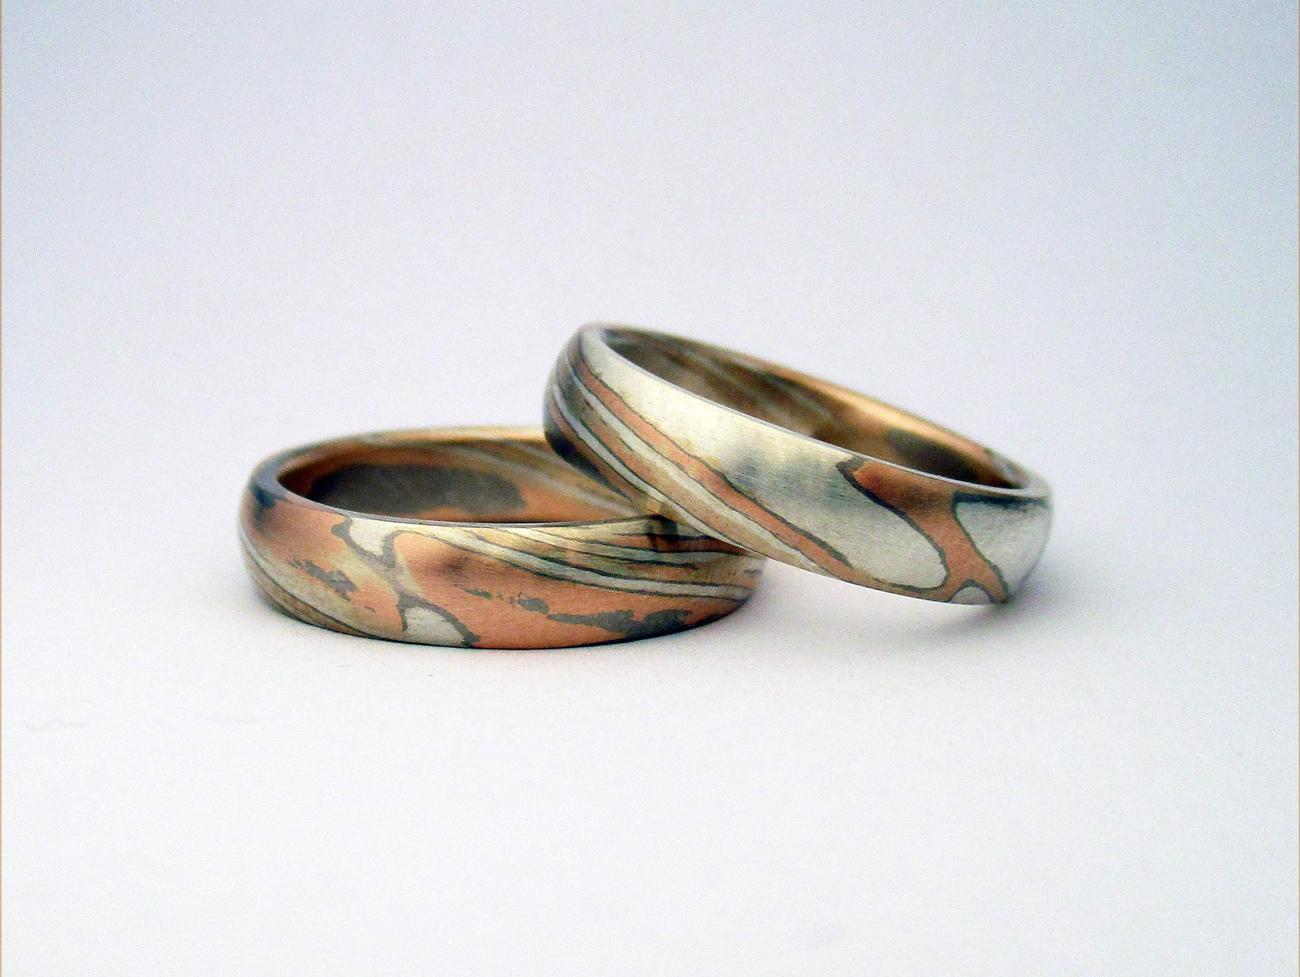 Mokume gyűrű, eljegyzési gyűrű, karikagyűrű, gyűrűpár, japán ékszerek